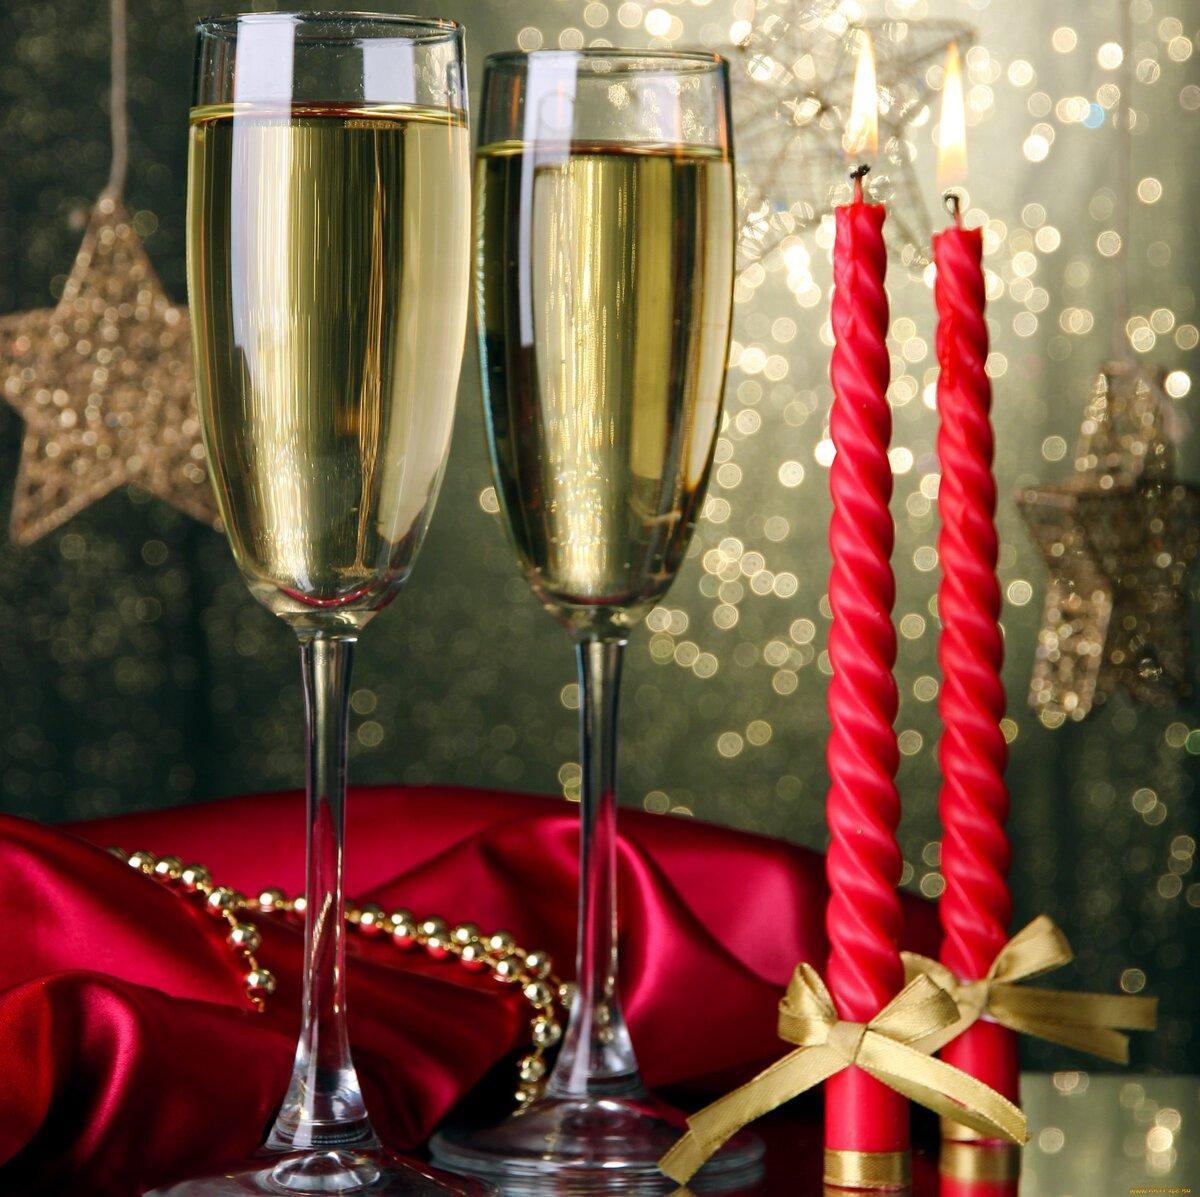 что над открытка два бокала шампанского с новым годом фото можно визуально удлинить